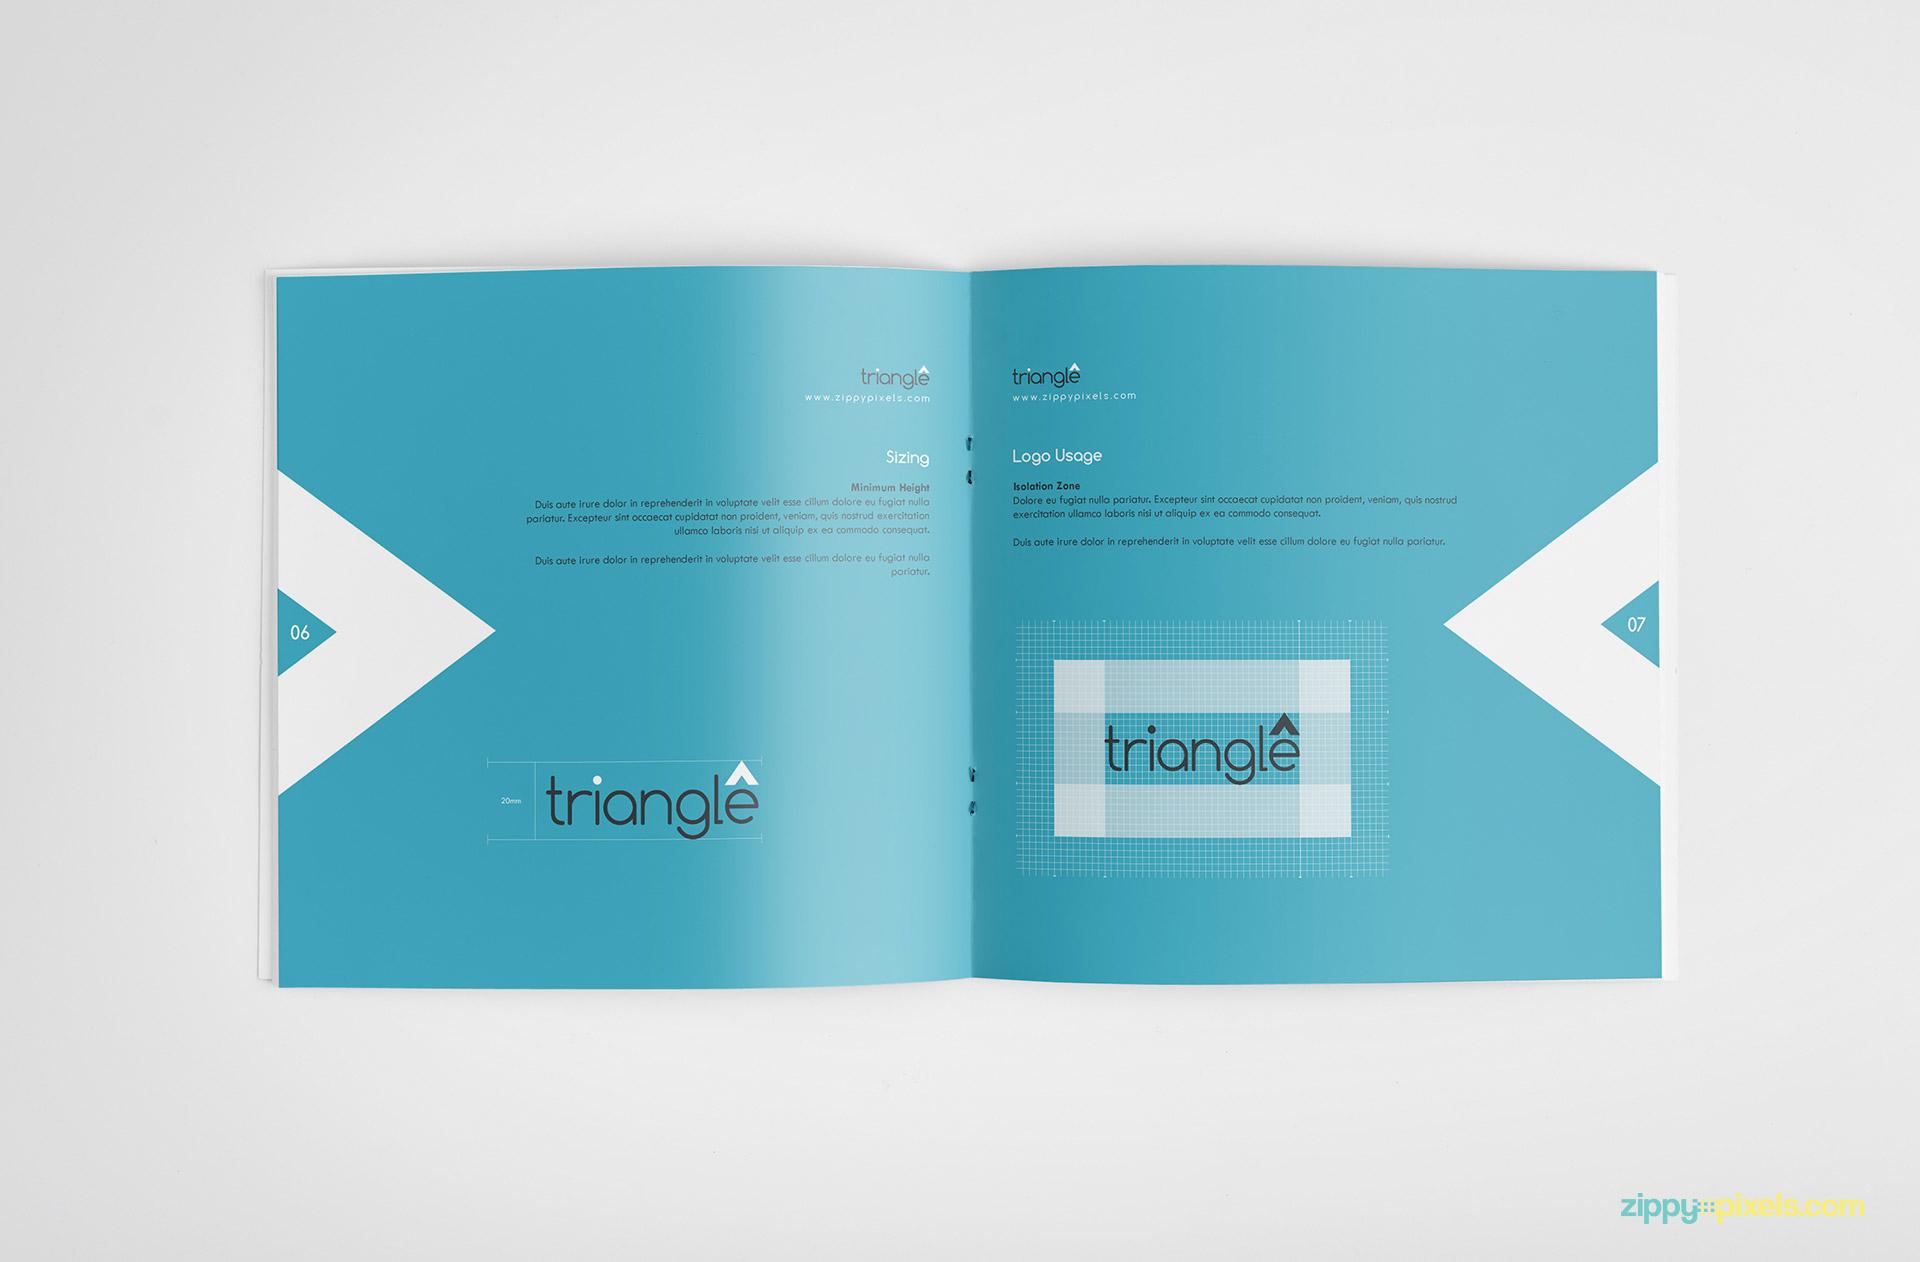 06-brand-book-11-sizing-logo-usage